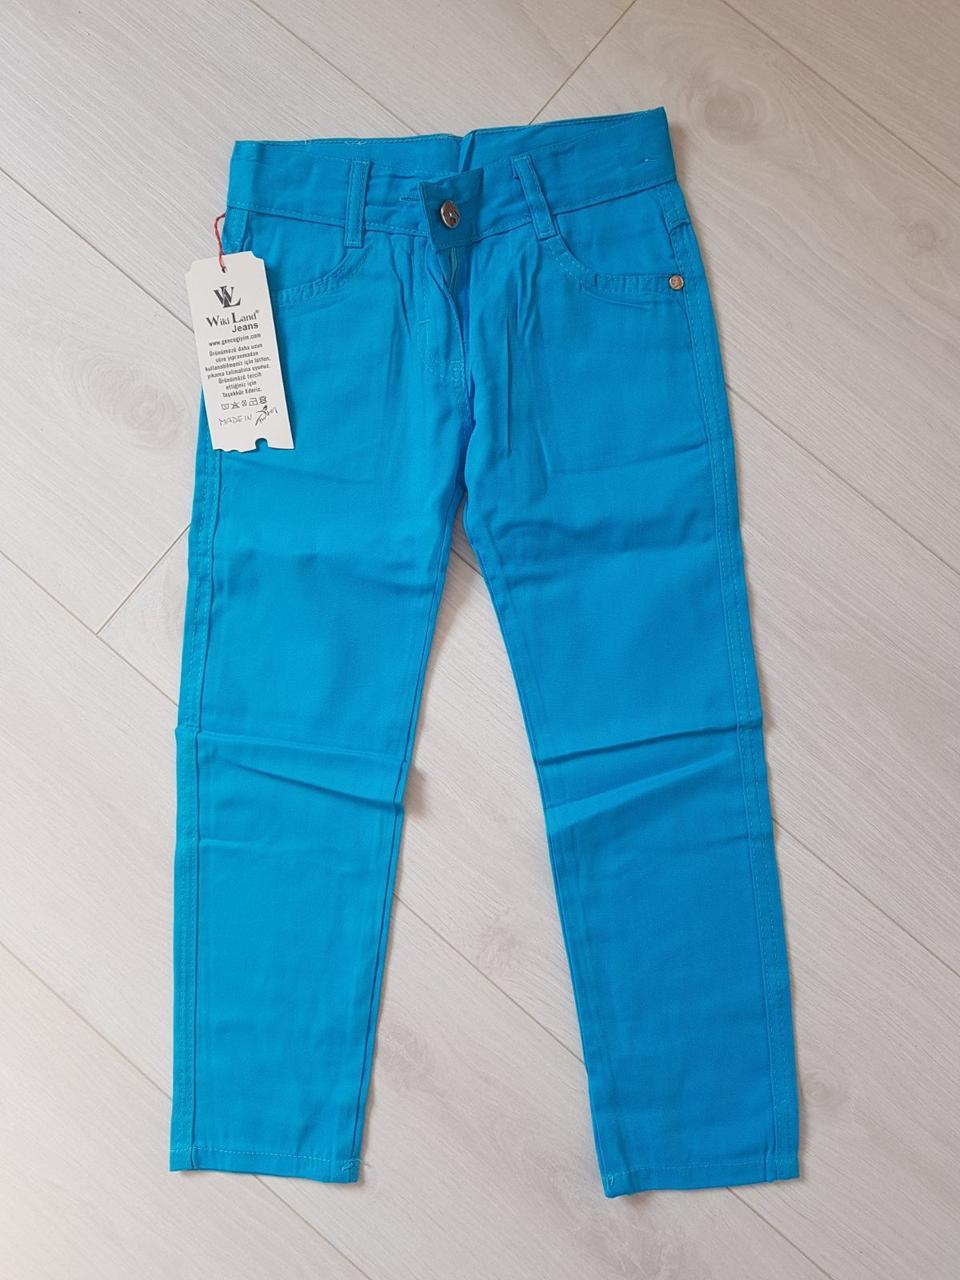 Тонкий джинс-коттон для мальчика подросток р. 8-12 лет опт